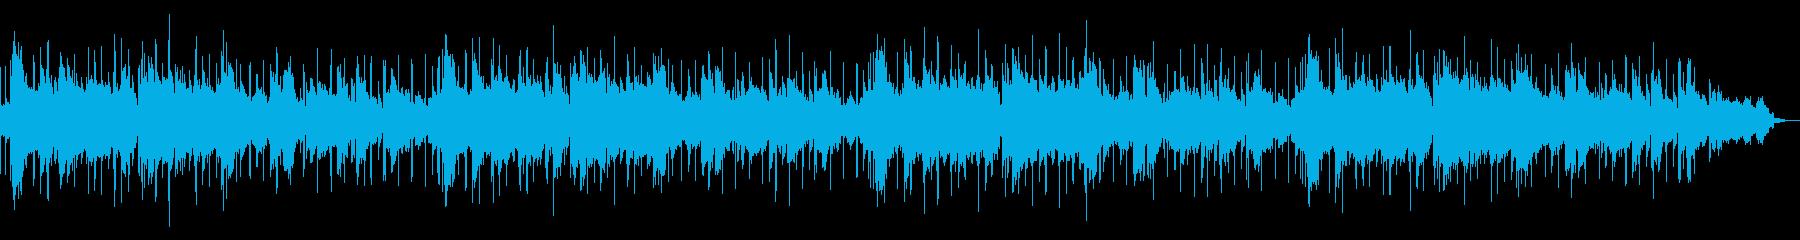 甘いJAZZのスローバラードの再生済みの波形